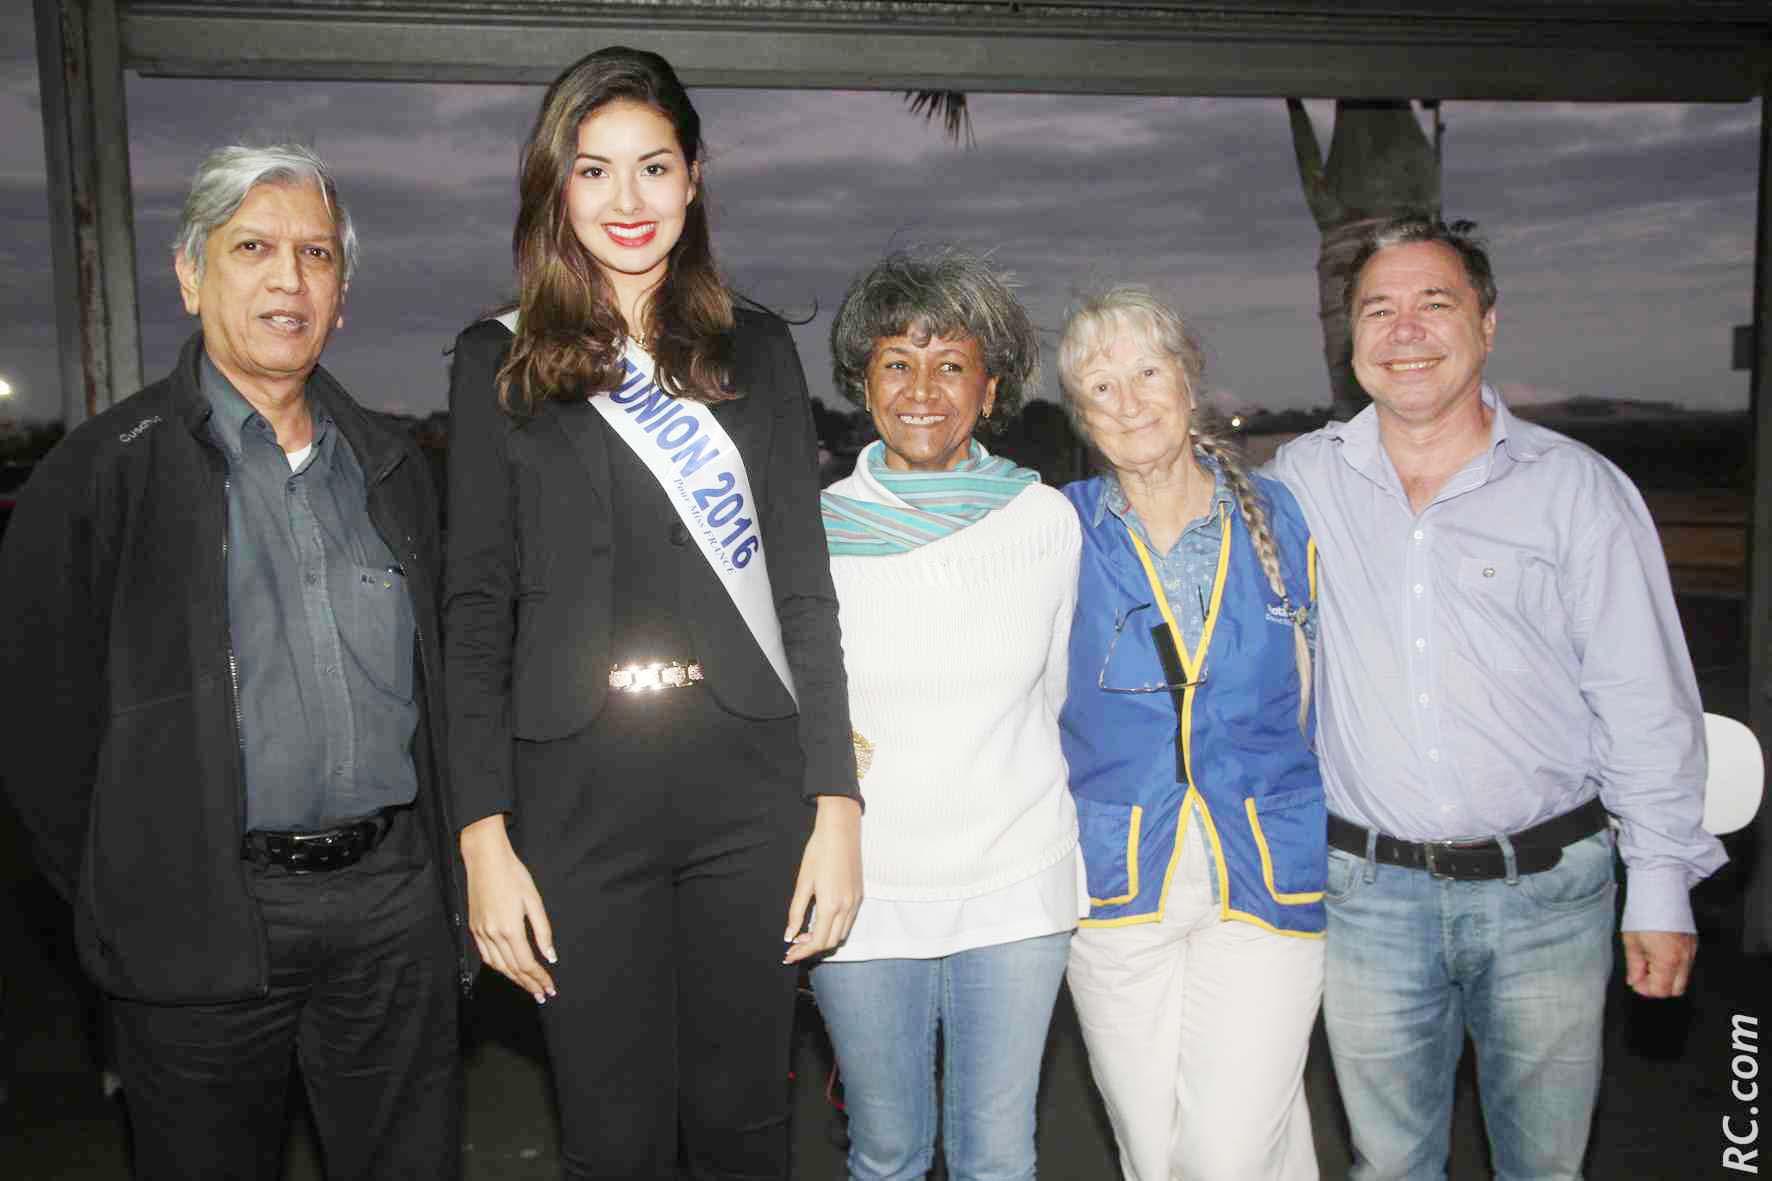 Ambre N'guyen avec des membres du Rotary Club Etang Salé, Zoeb Boudhabhay, Nancy Gennepy, Aline Paurd et Ludgé Ethève